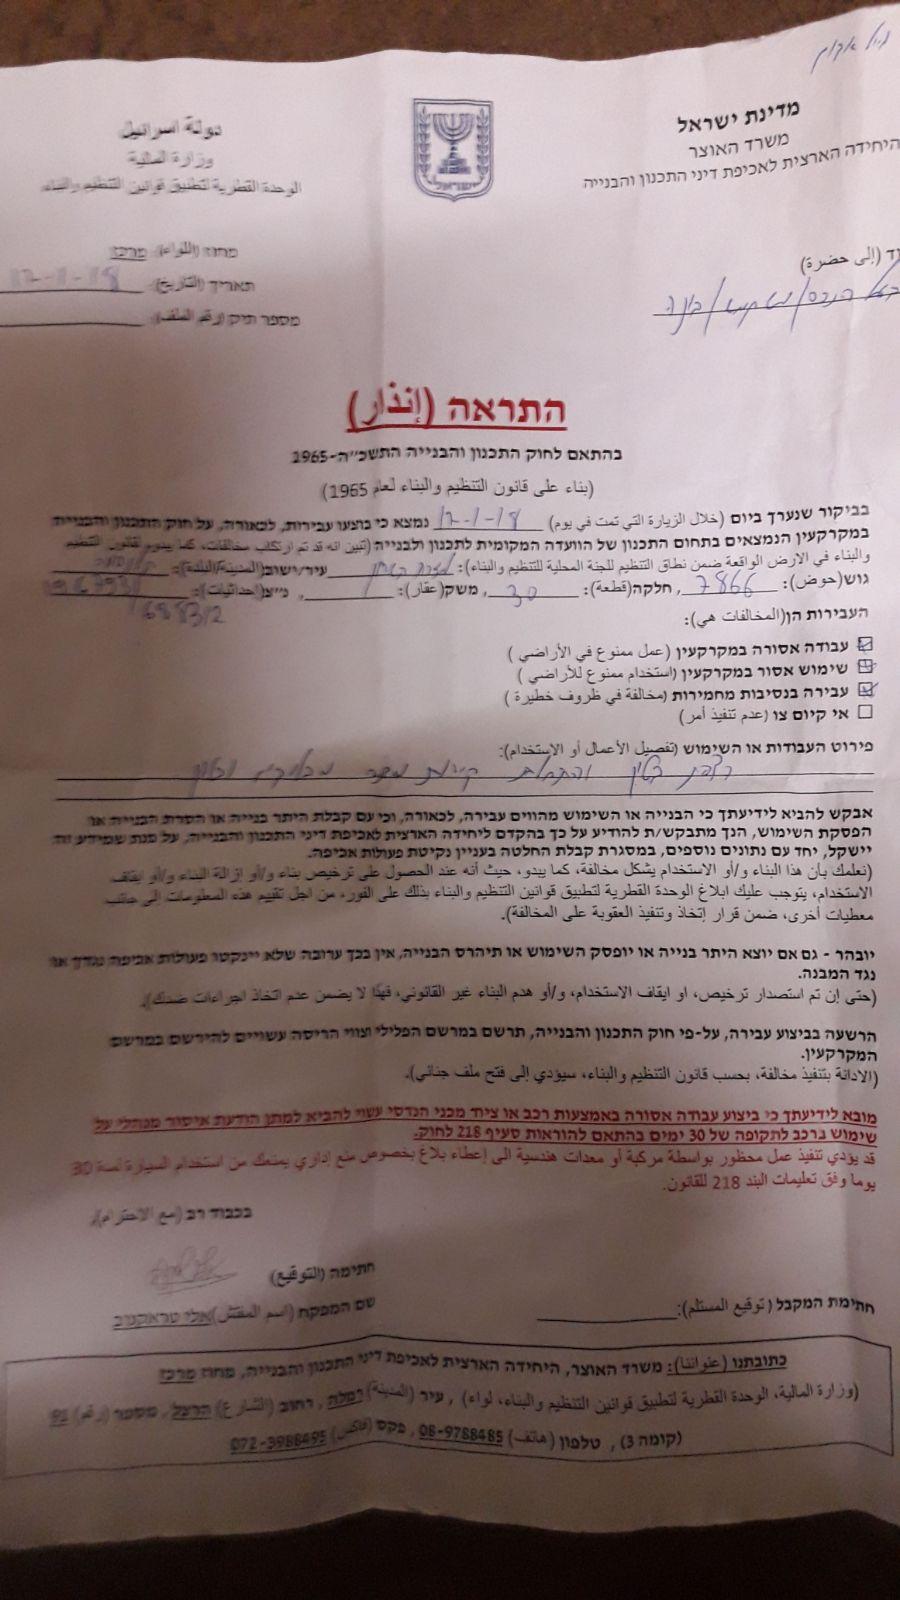 مواطن من قلنسوة: اللجنة اللوائية للتخطيط والبناء طالبتني بهدم بيتي